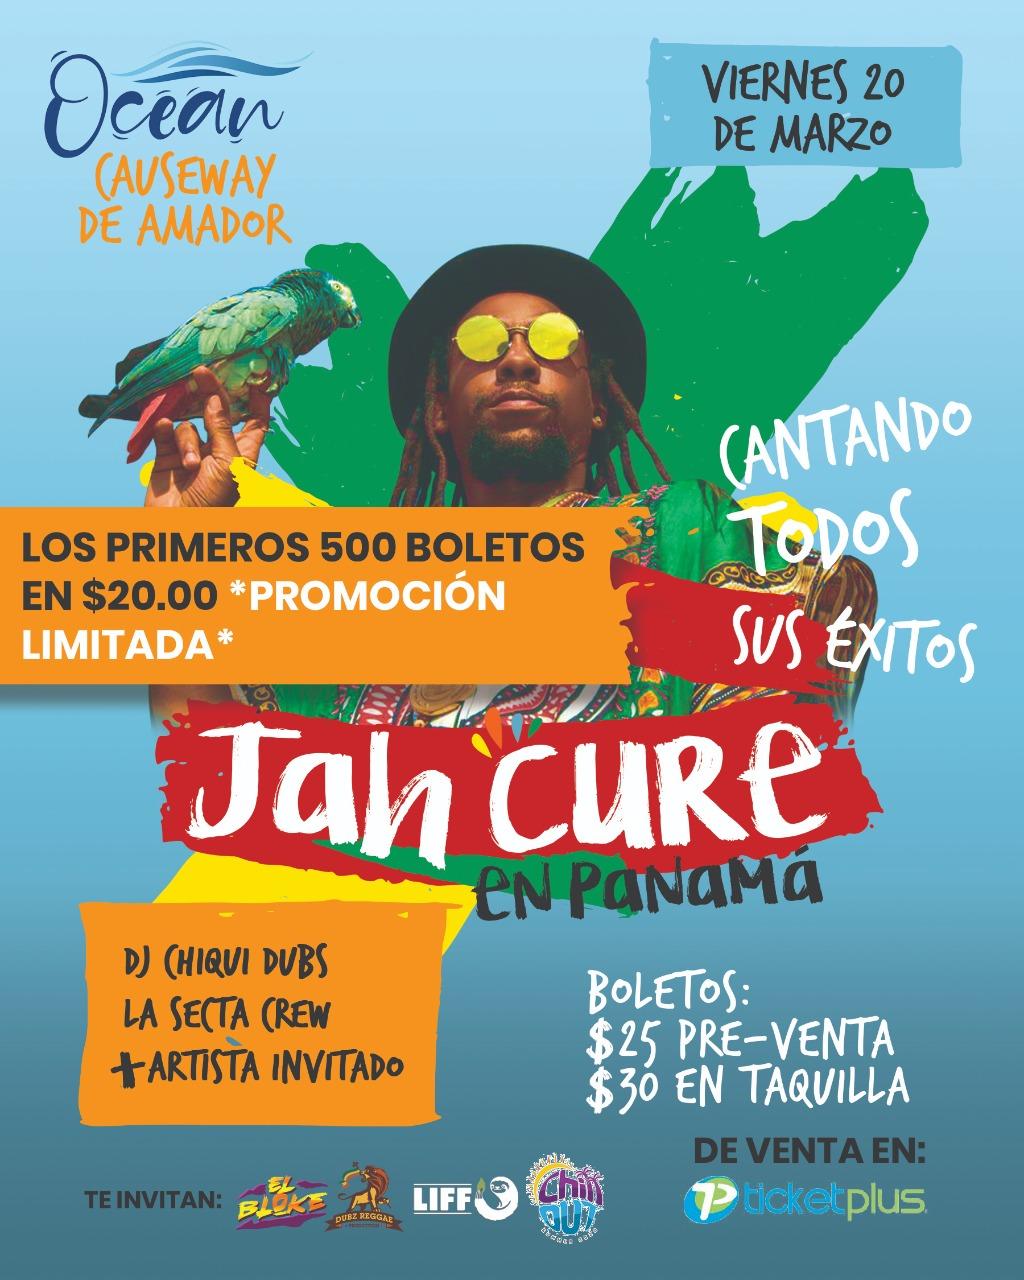 Photo of Concierto de Jah Cure en Panamá